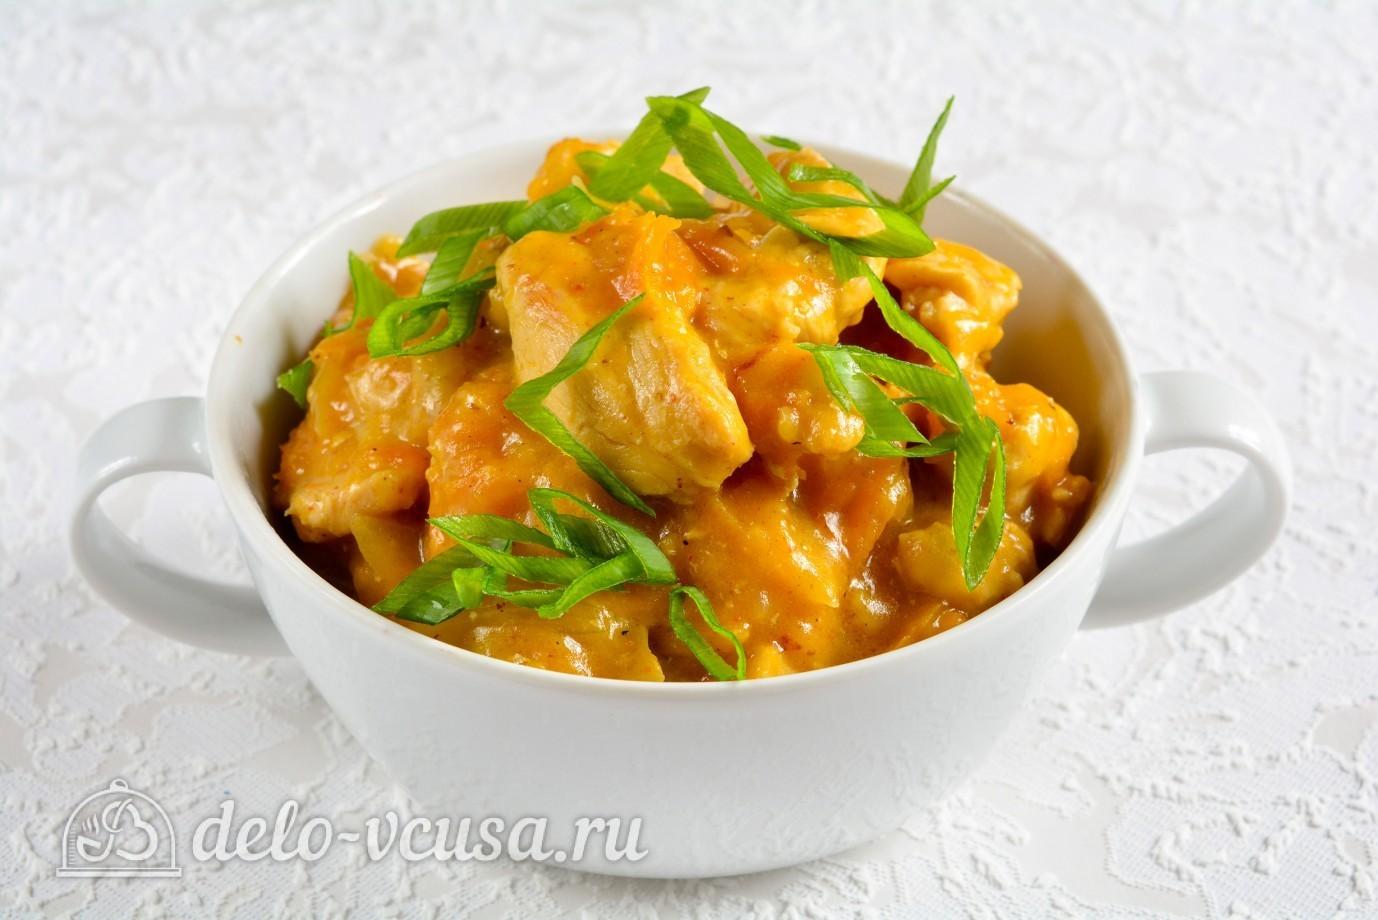 Гуляш из курицы рецепт пошагово со сметаной 92